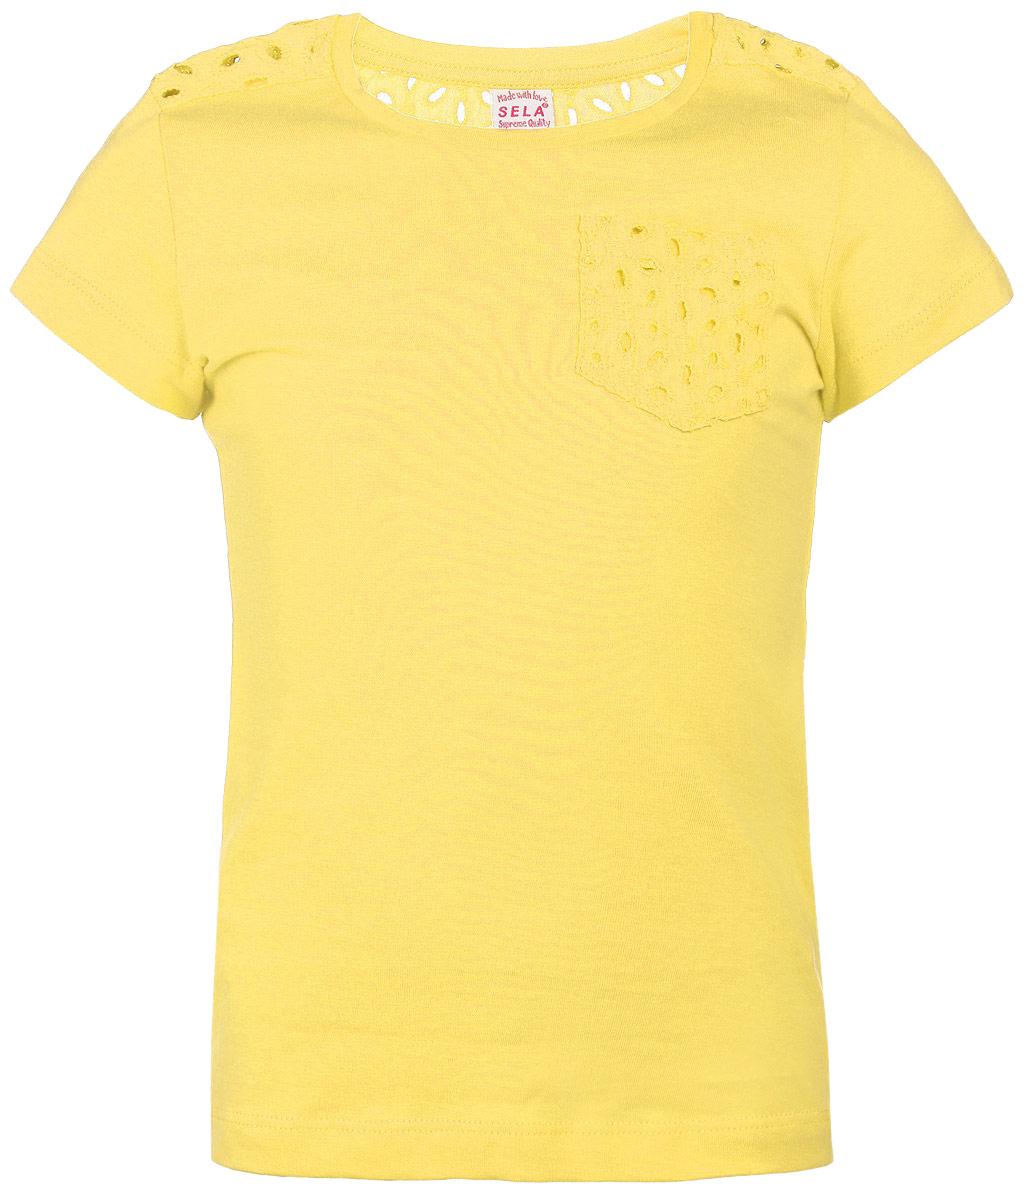 Футболка для девочки. Ts-611/114-6182Ts-611/114-6182Стильная футболка для девочки Sela идеально подойдет вашей дочурке. Изготовленная из натурального хлопка, она необычайно мягкая и приятная на ощупь, не сковывает движения и позволяет коже дышать, не раздражает даже самую нежную и чувствительную кожу ребенка, обеспечивая ему наибольший комфорт. Футболка прямого кроя с короткими рукавами и круглым вырезом. Вставка на спинке и кармашек выполнены из хлопковой ажурной ткани. Современный дизайн и расцветка делают эту футболку модным и стильным предметом детского гардероба. В ней ваша маленькая модница будет чувствовать себя уютно и комфортно, и всегда будет в центре внимания!